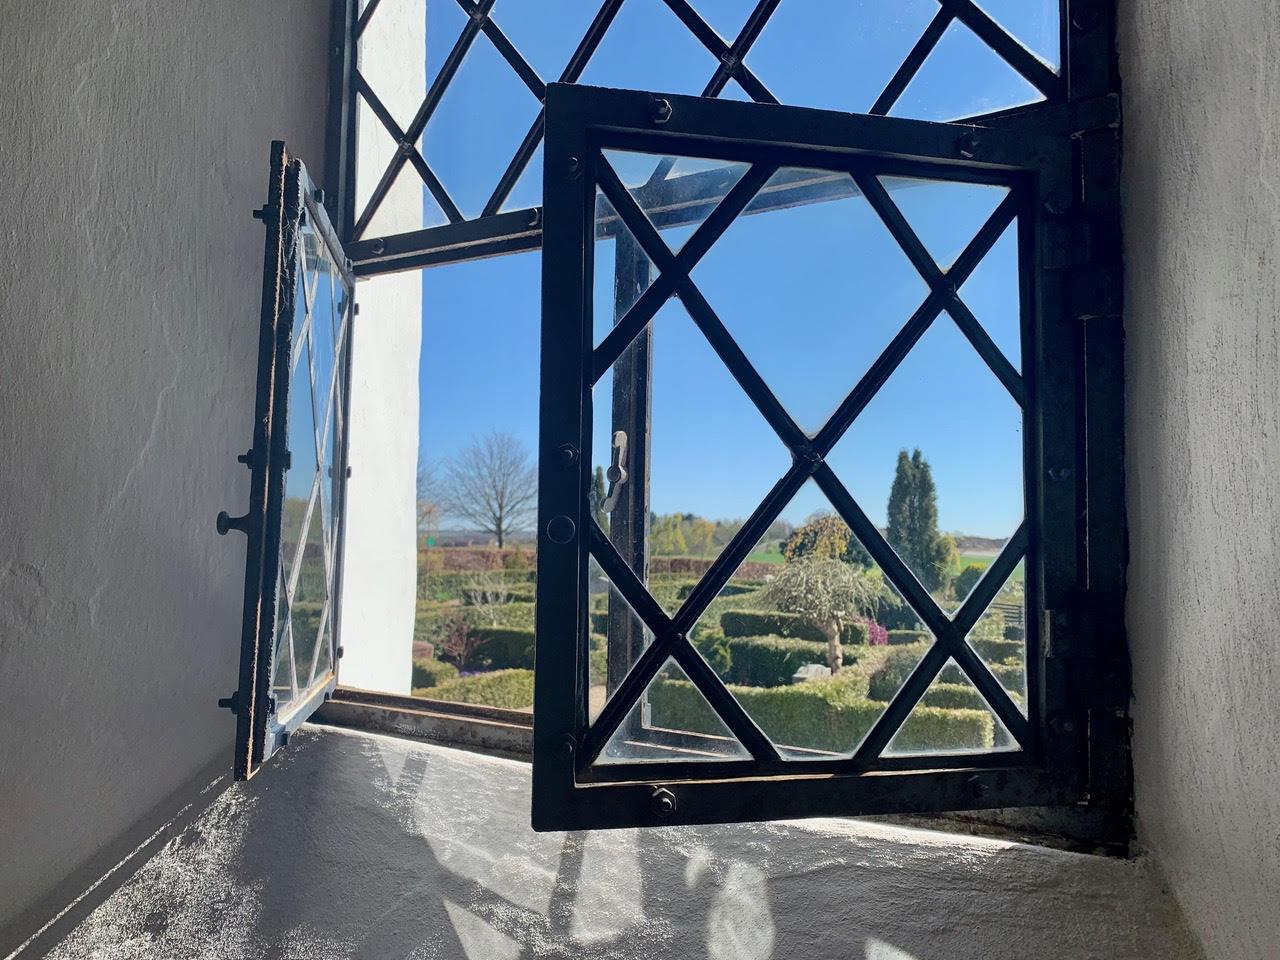 Åben vindue i kirke